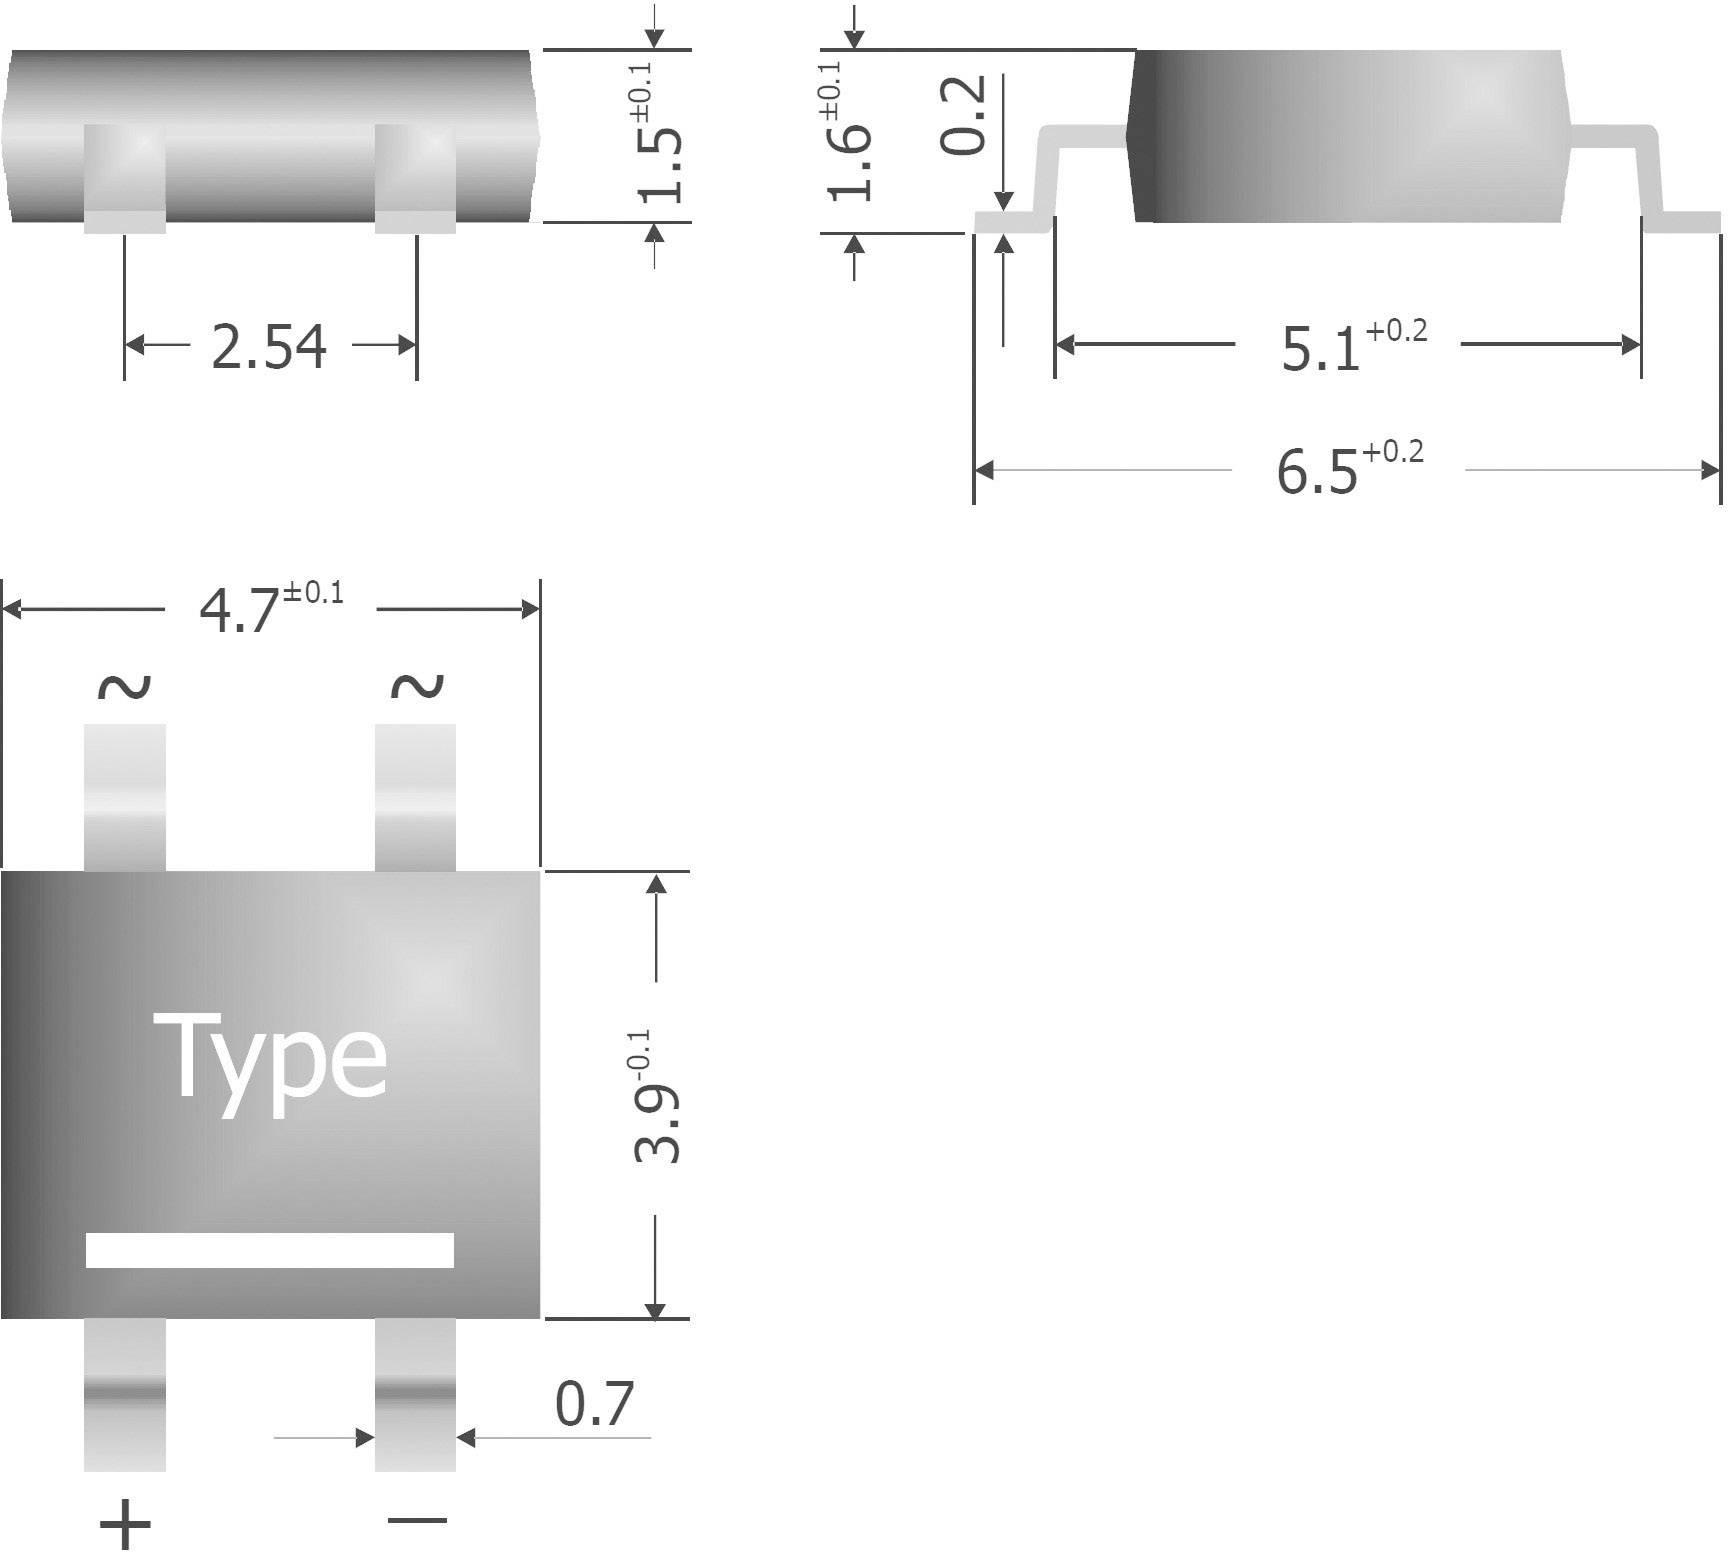 Křemíkový můstkový usměrňovač Diotec S380-SLIM, U(RRM) 800 V, 800 mA, TO-269